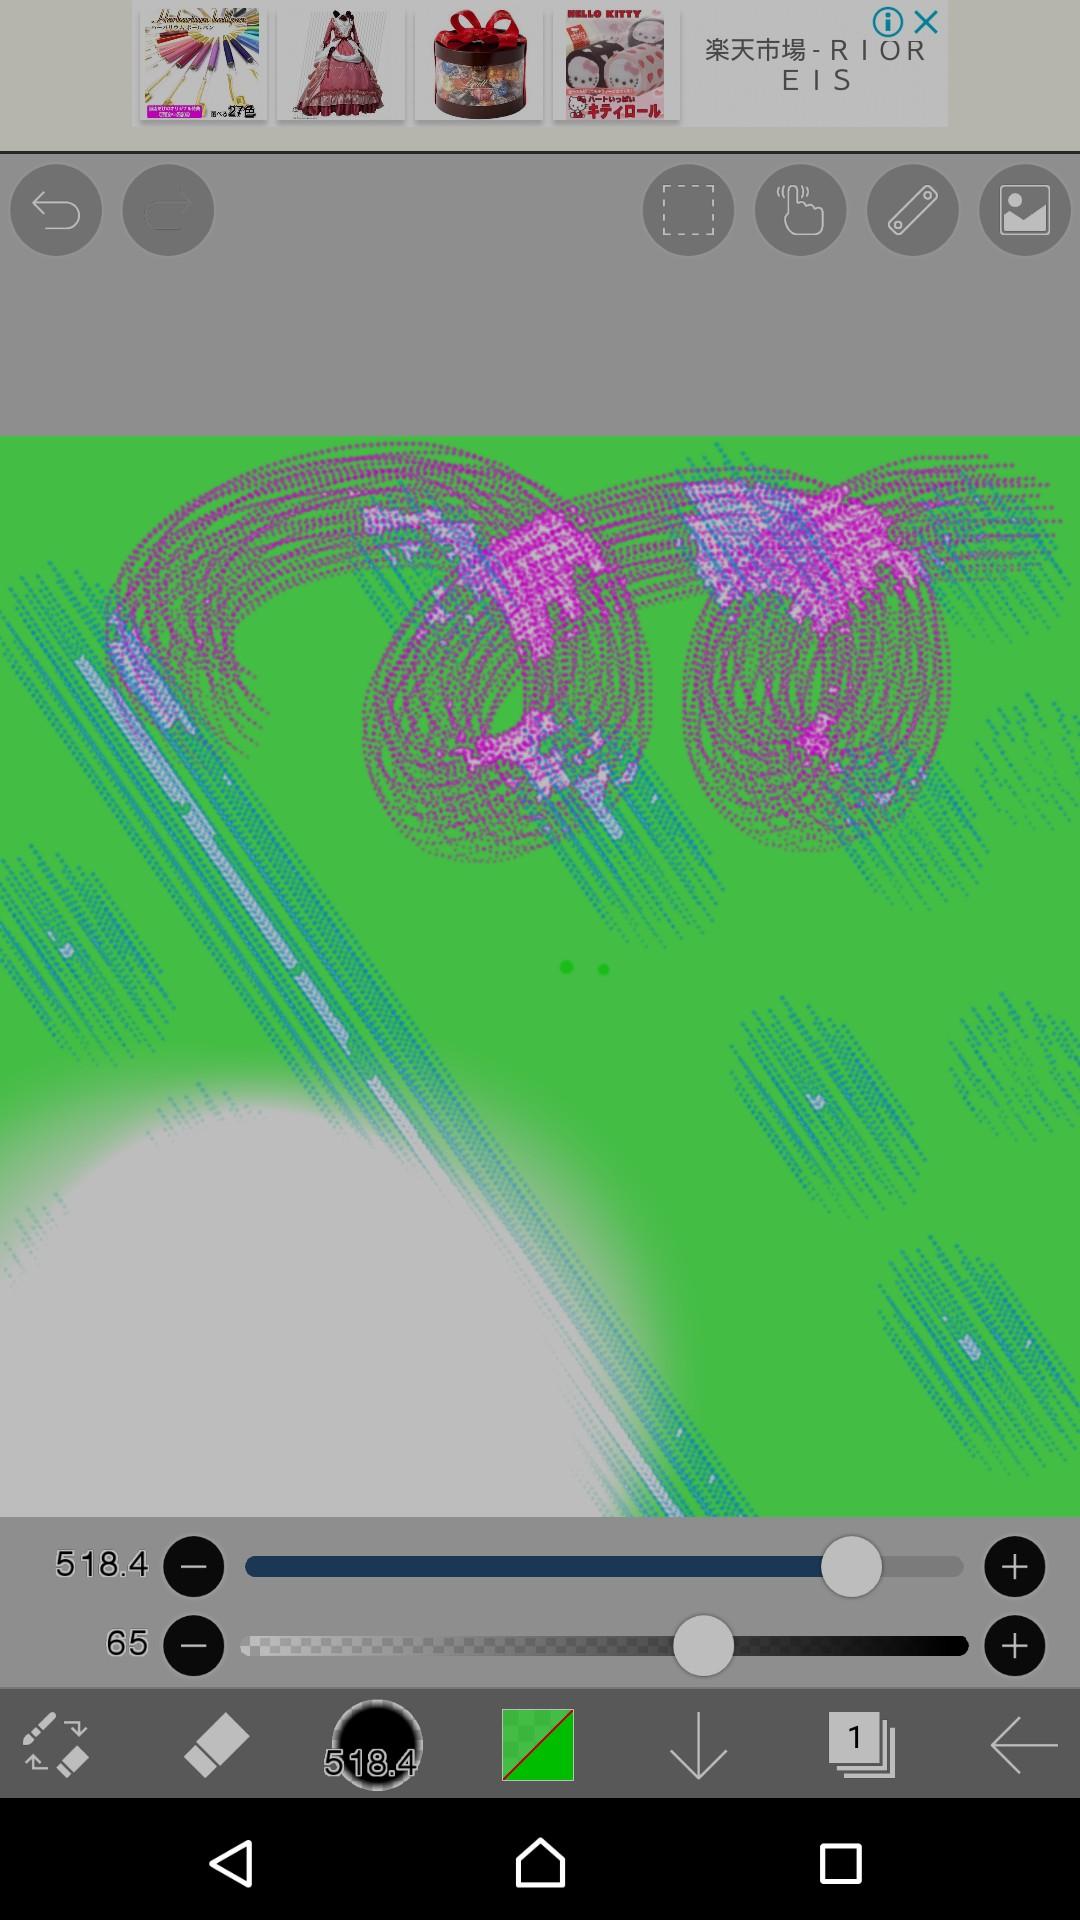 f:id:uuuta1122:20190113150055j:plain